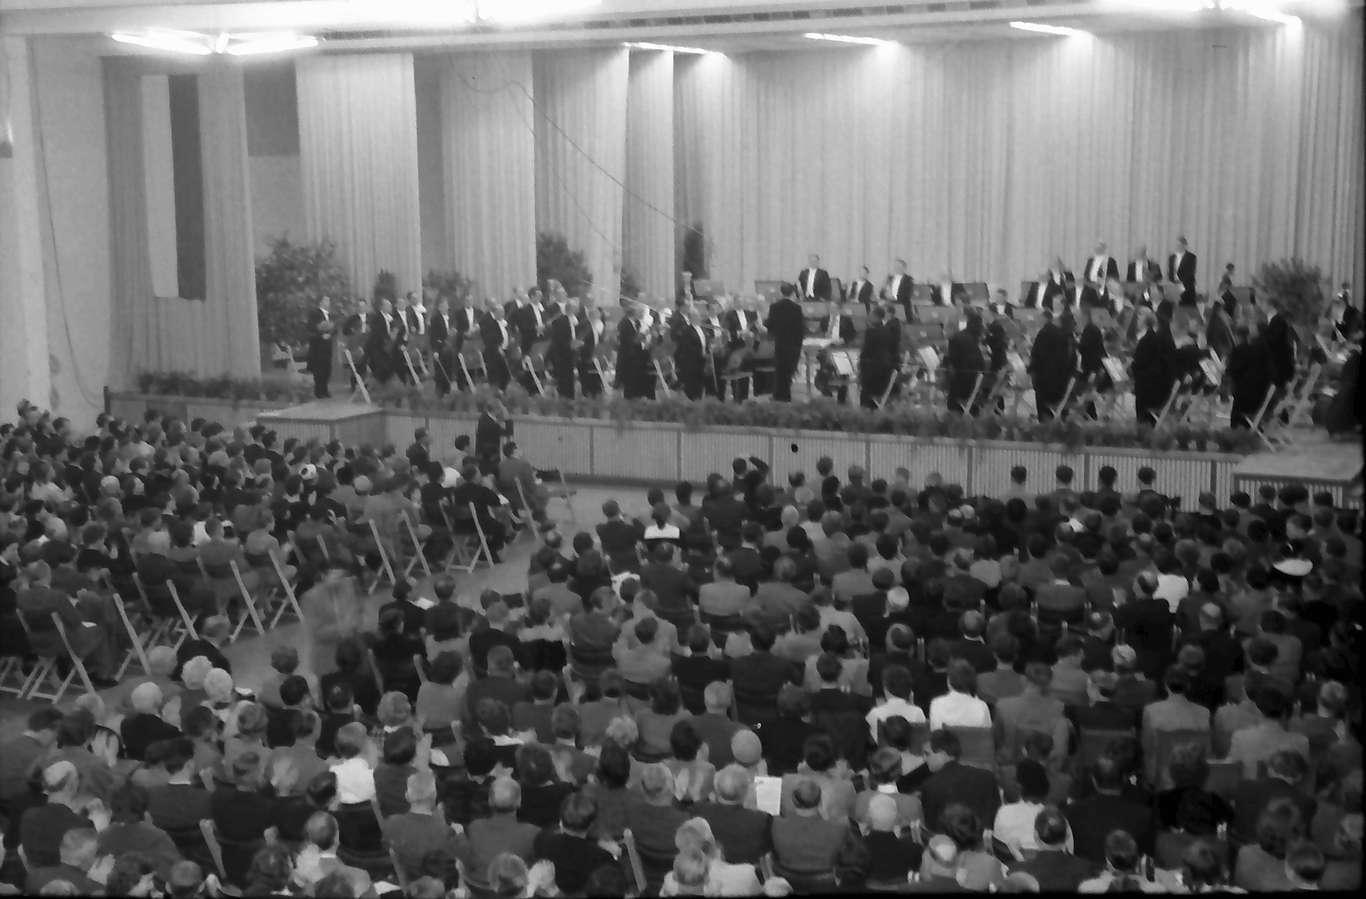 Donaueschingen: Donaueschinger Musiktage; innen, Bühne mit dem großen Südwestfunkorchester, Bild 1